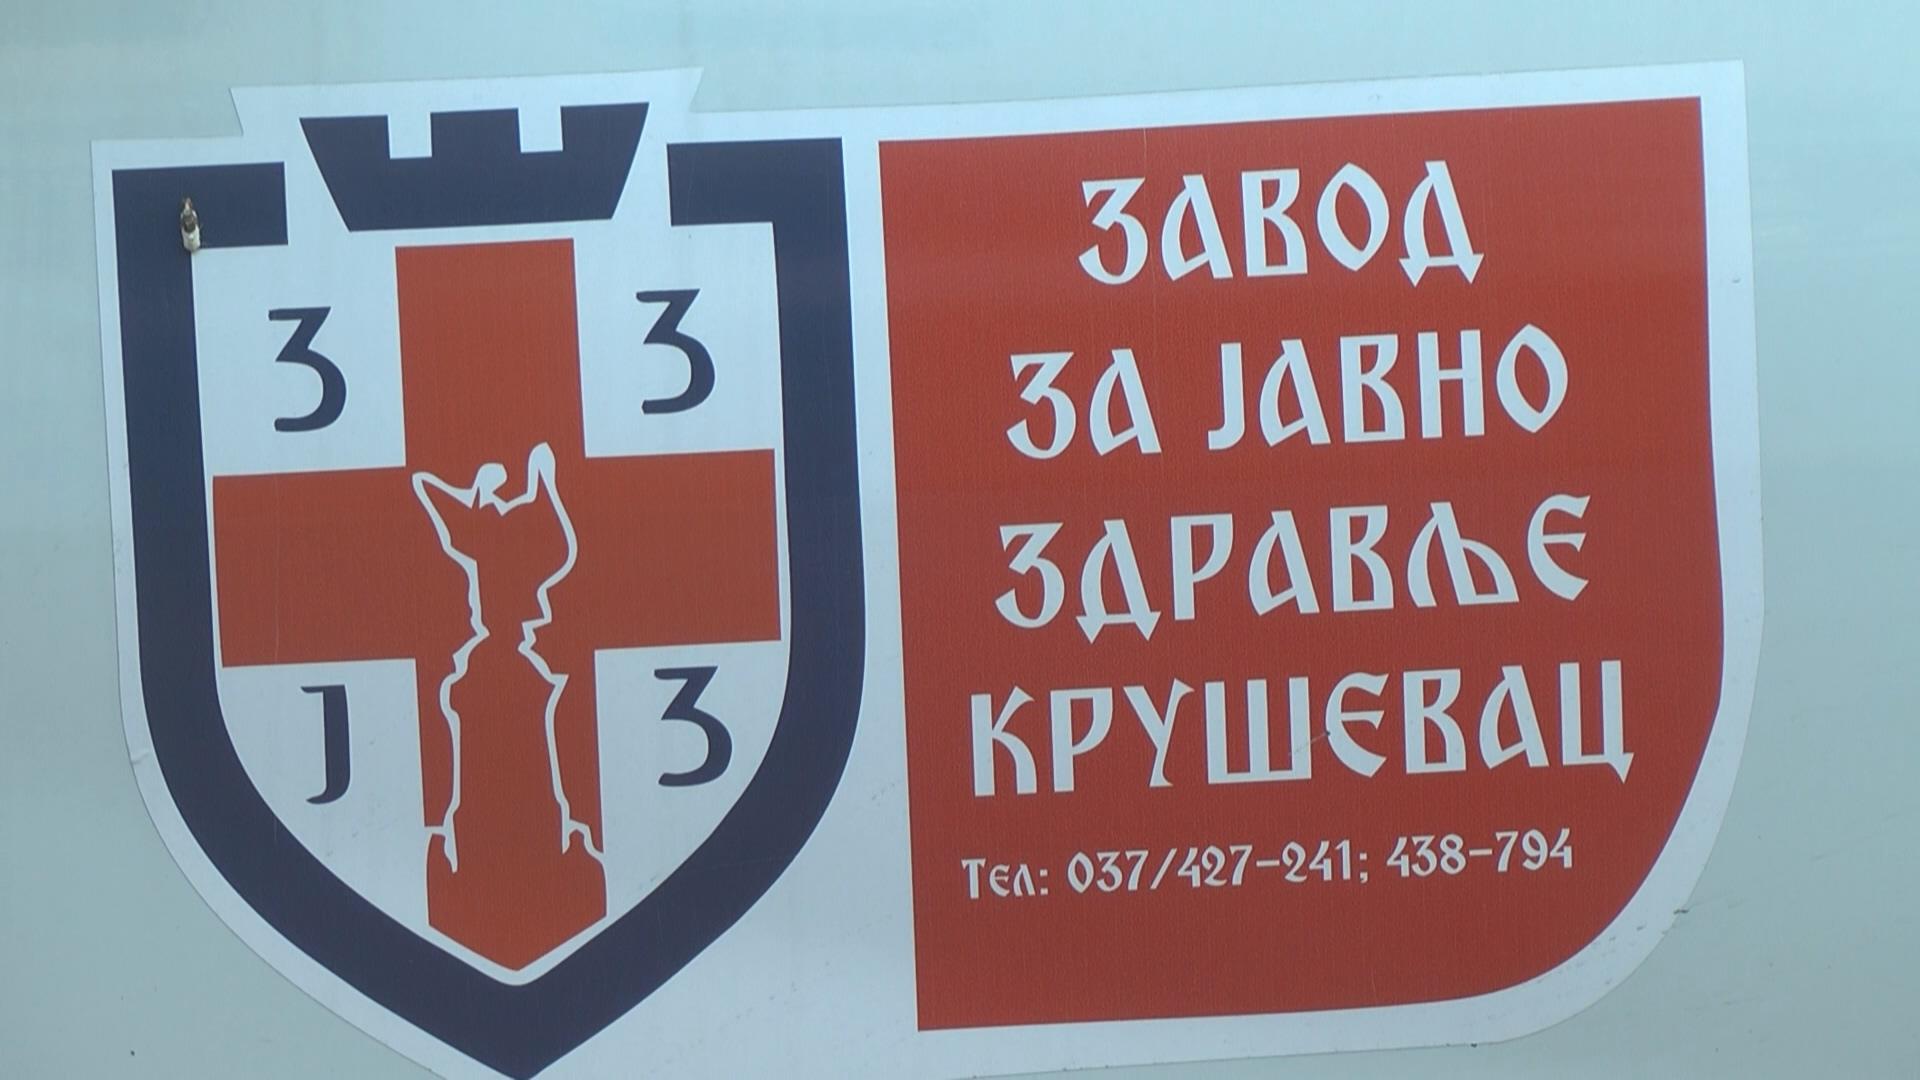 Prema poslednjim podacima uRasinskom okrugu još 173 novIh slučajeva zaraze koronavirusom: 77 sa teritorije grada Kruševca, u Trsteniku 70 novoobolelih